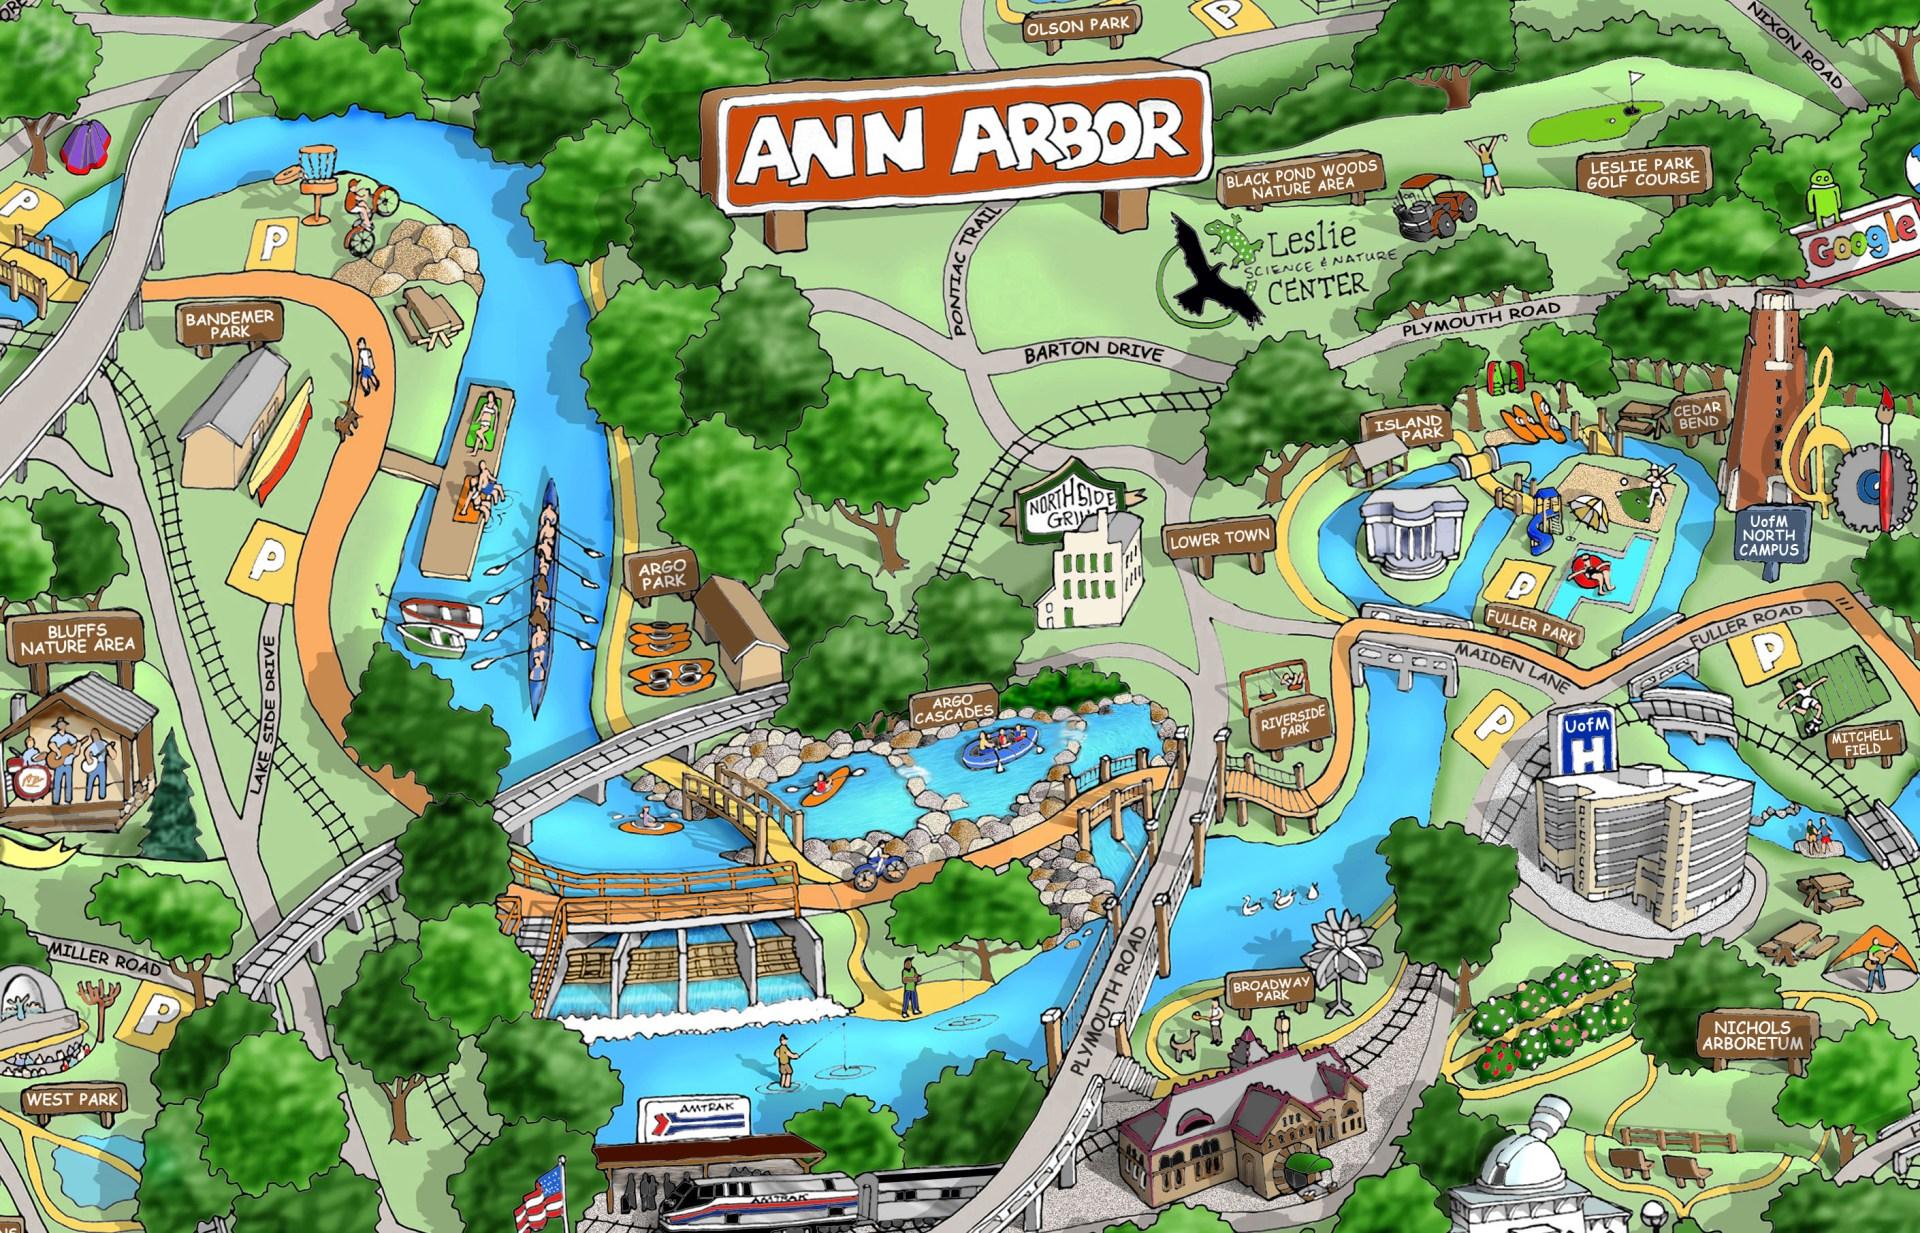 Ann Arbor for web.jpg